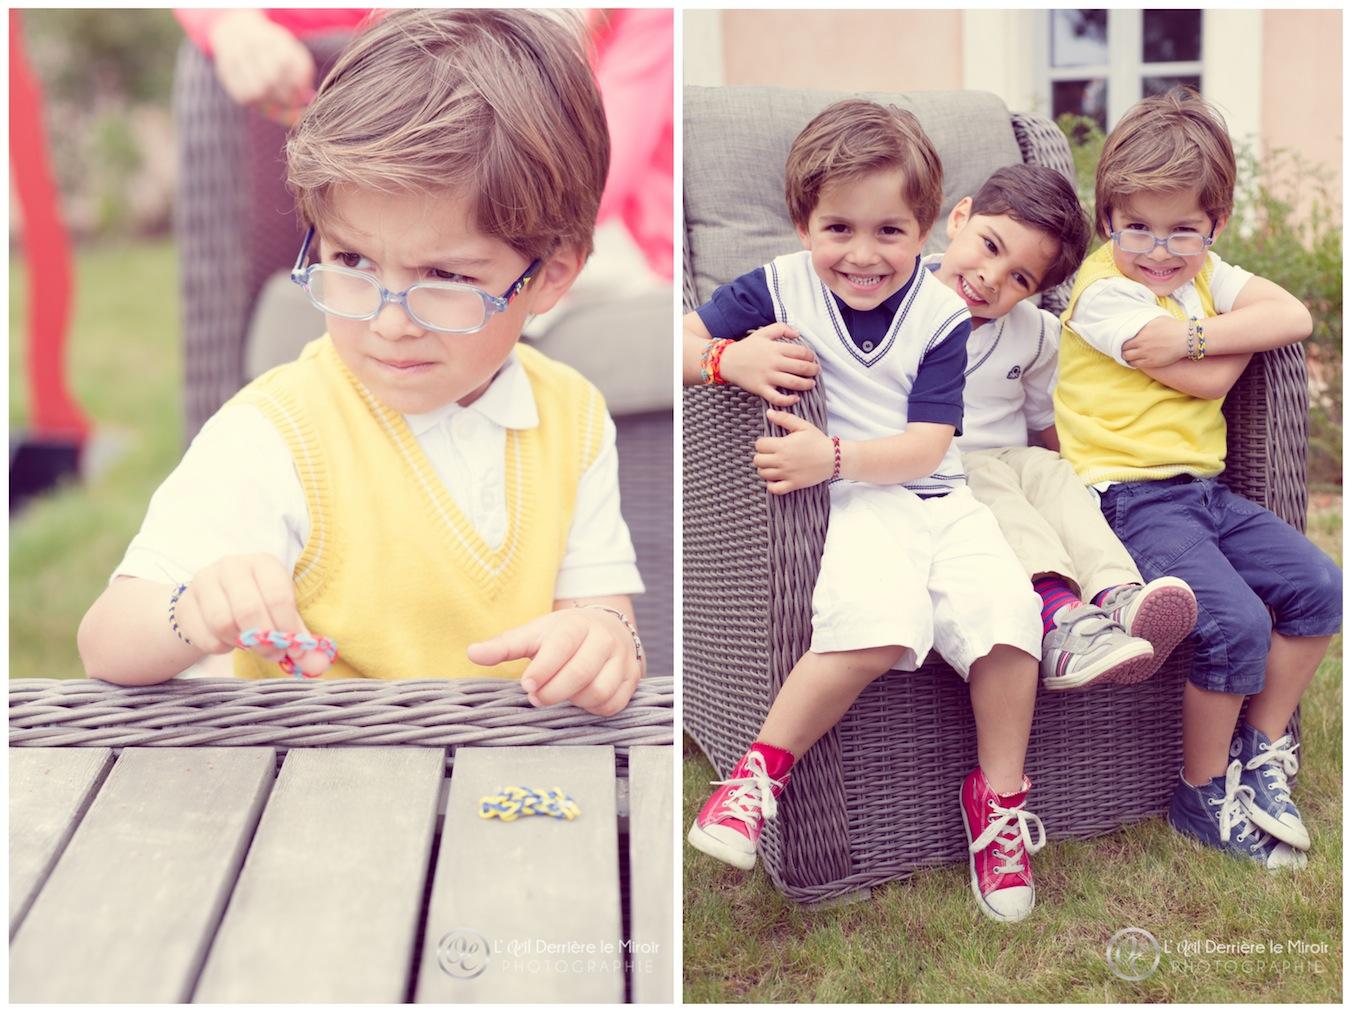 L'OEil Derrière le Miroir Photographe enfants